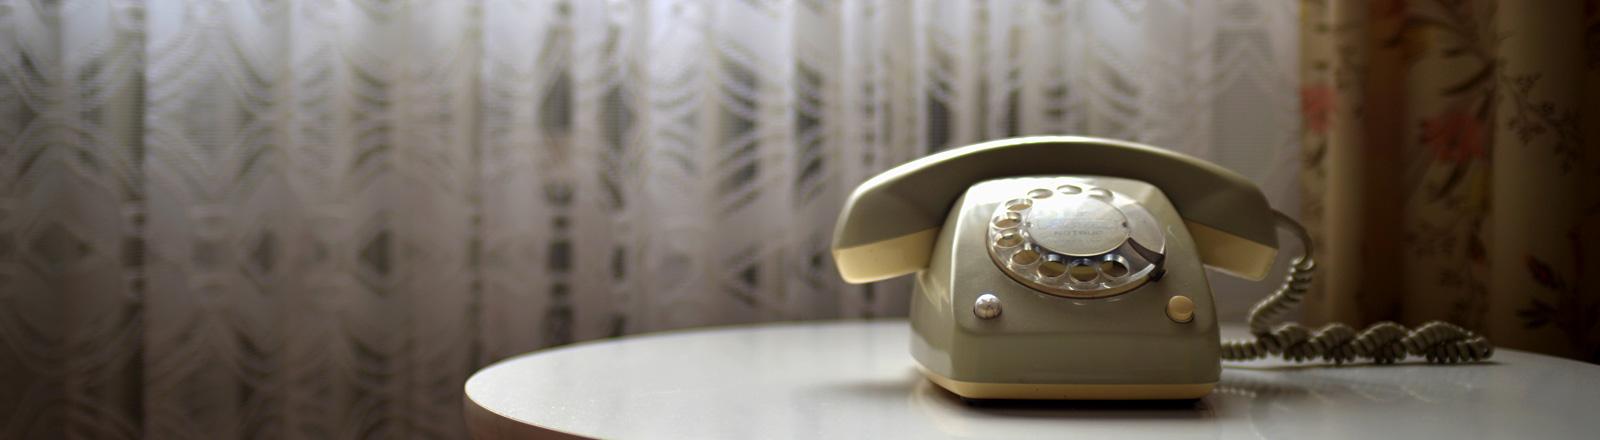 Ein Telefon aus den 70er Jahren auf einem Beistelltisch.